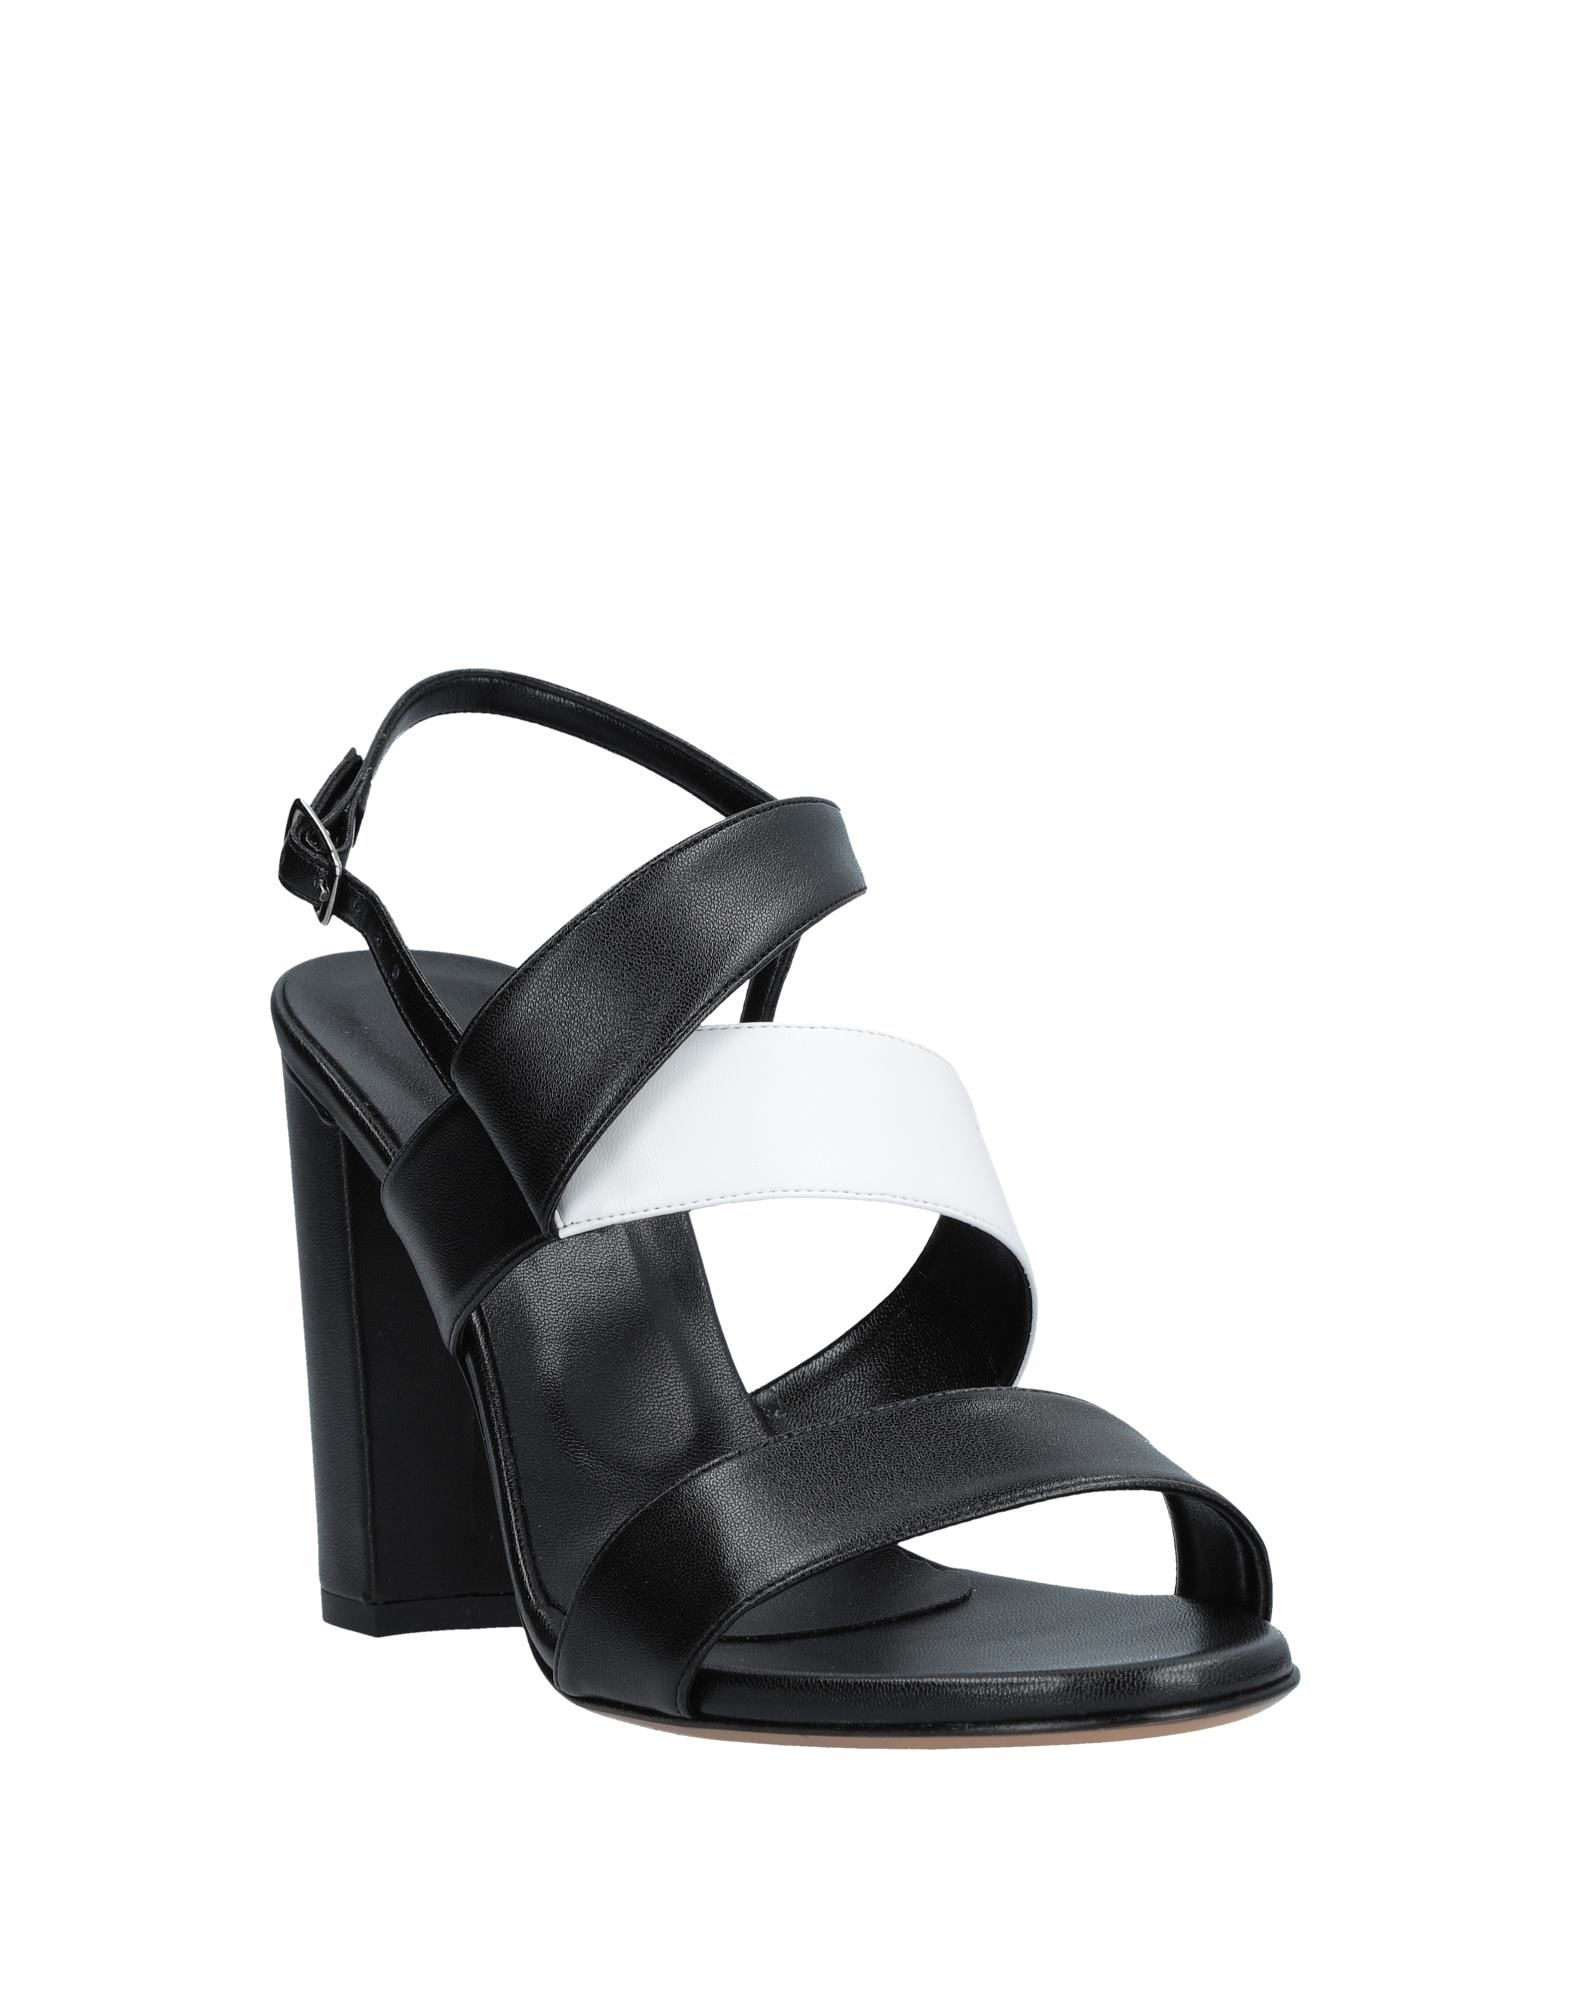 Albano Sandalen Damen Qualität  11537519AO Gute Qualität Damen beliebte Schuhe 644cd2